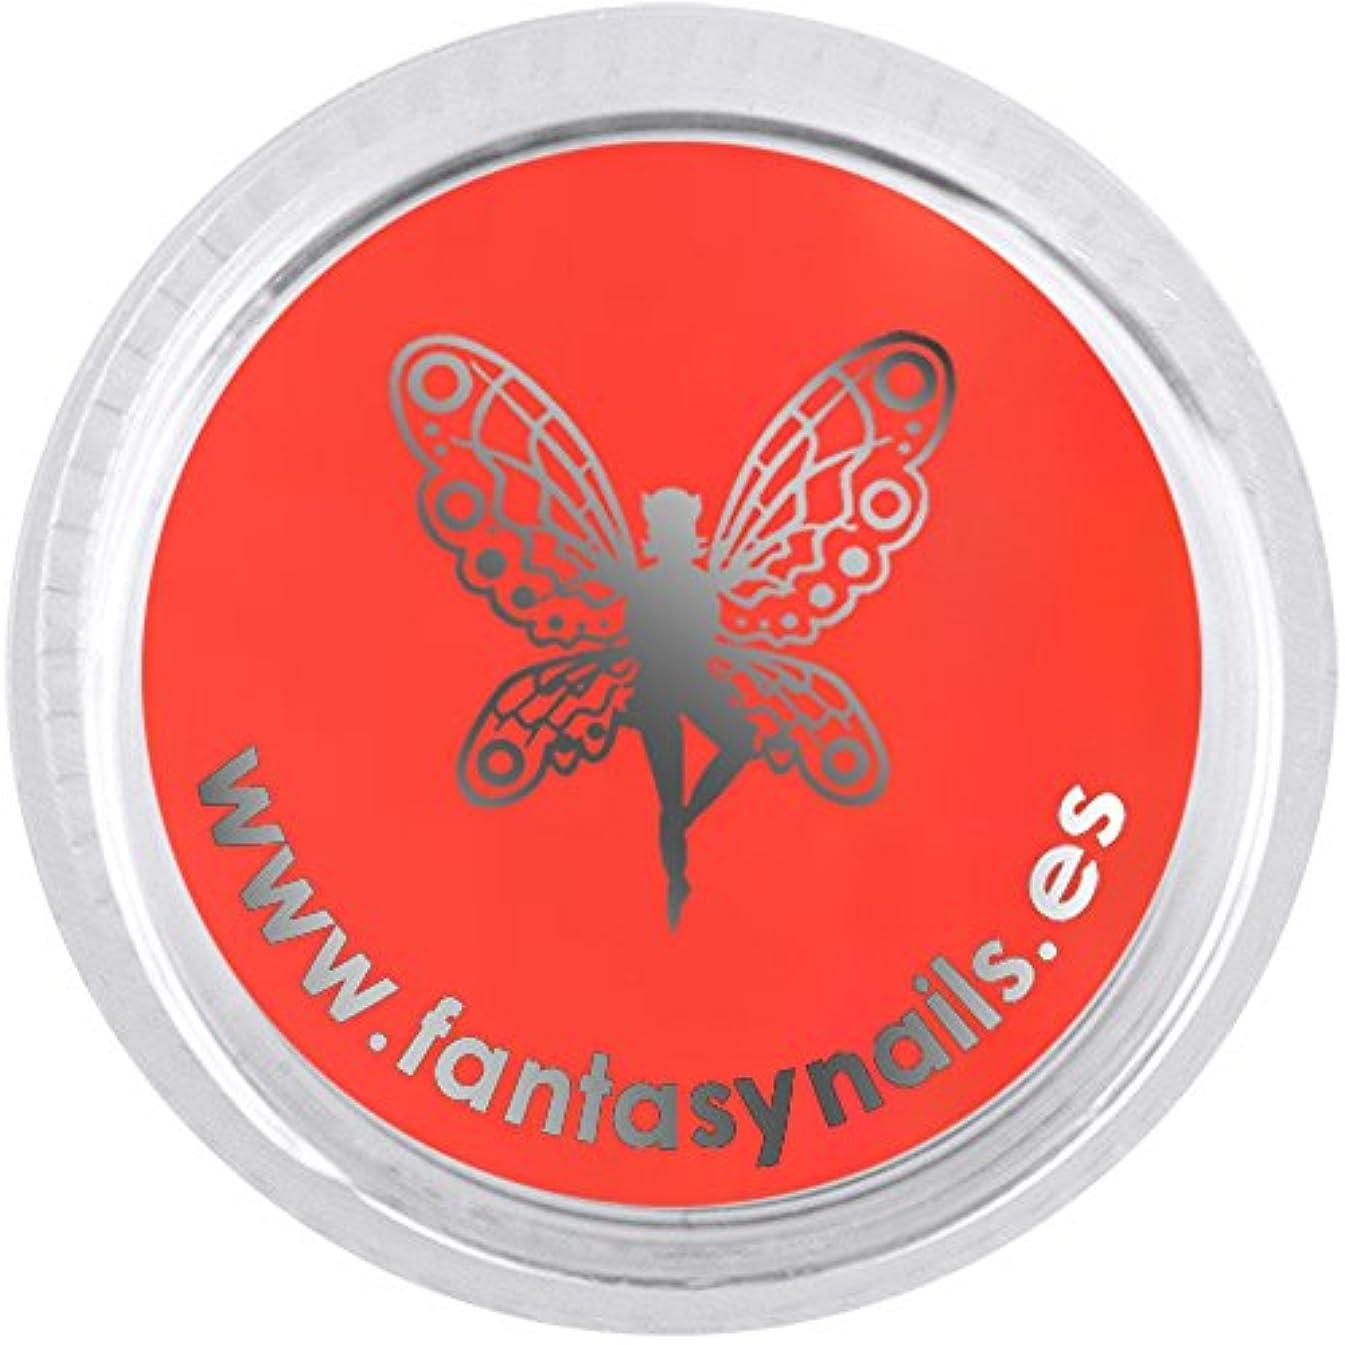 くびれた絶縁する実現可能性FANTASY NAIL フラワーコレクション 3g 4755XS カラーパウダー アート材